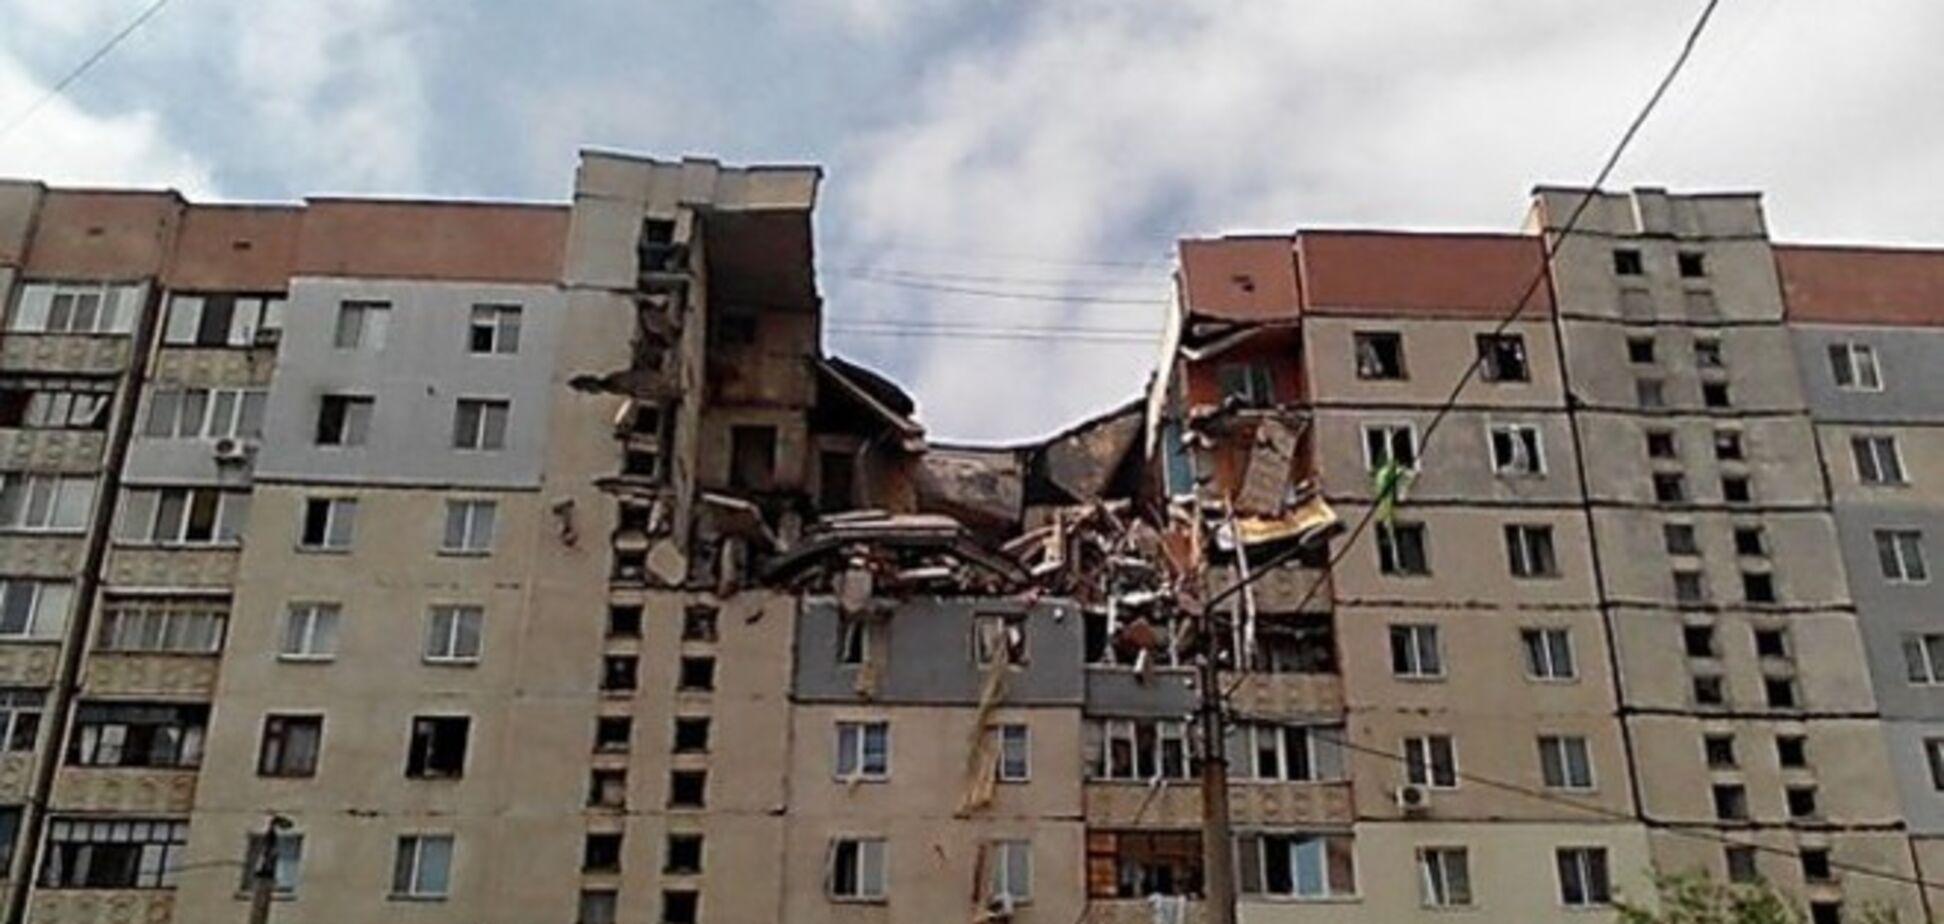 Одна з версій причини вибуху багатоповерхівки в Миколаєві - зберігання вибухівки в квартирі